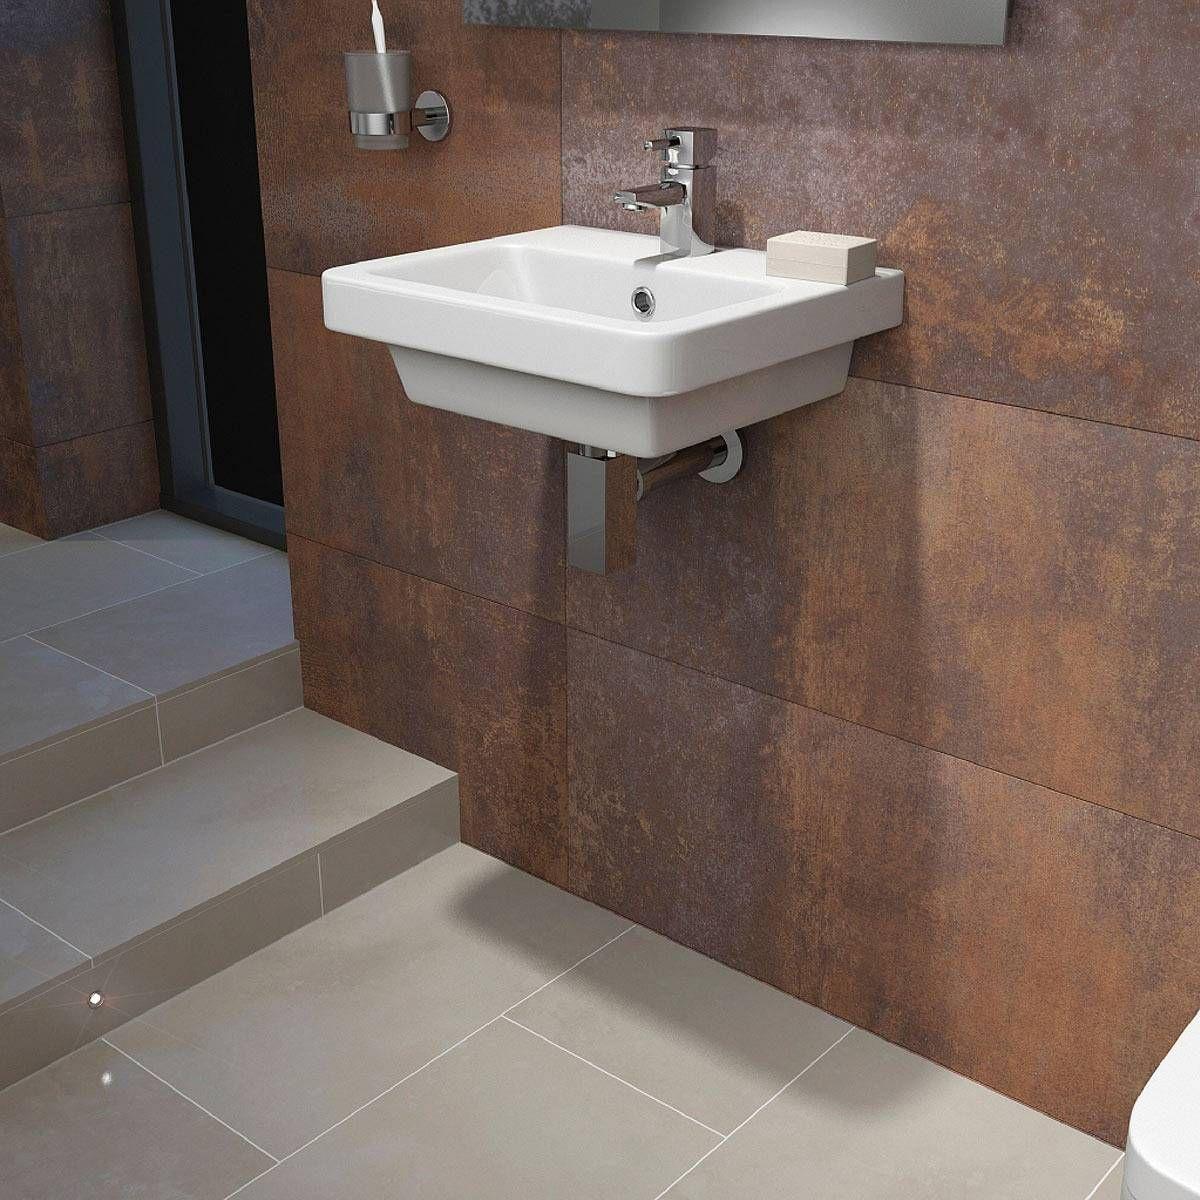 verso 1th 400mm wall hung basin victoria plumb - Bathroom Accessories Victoria Plumb